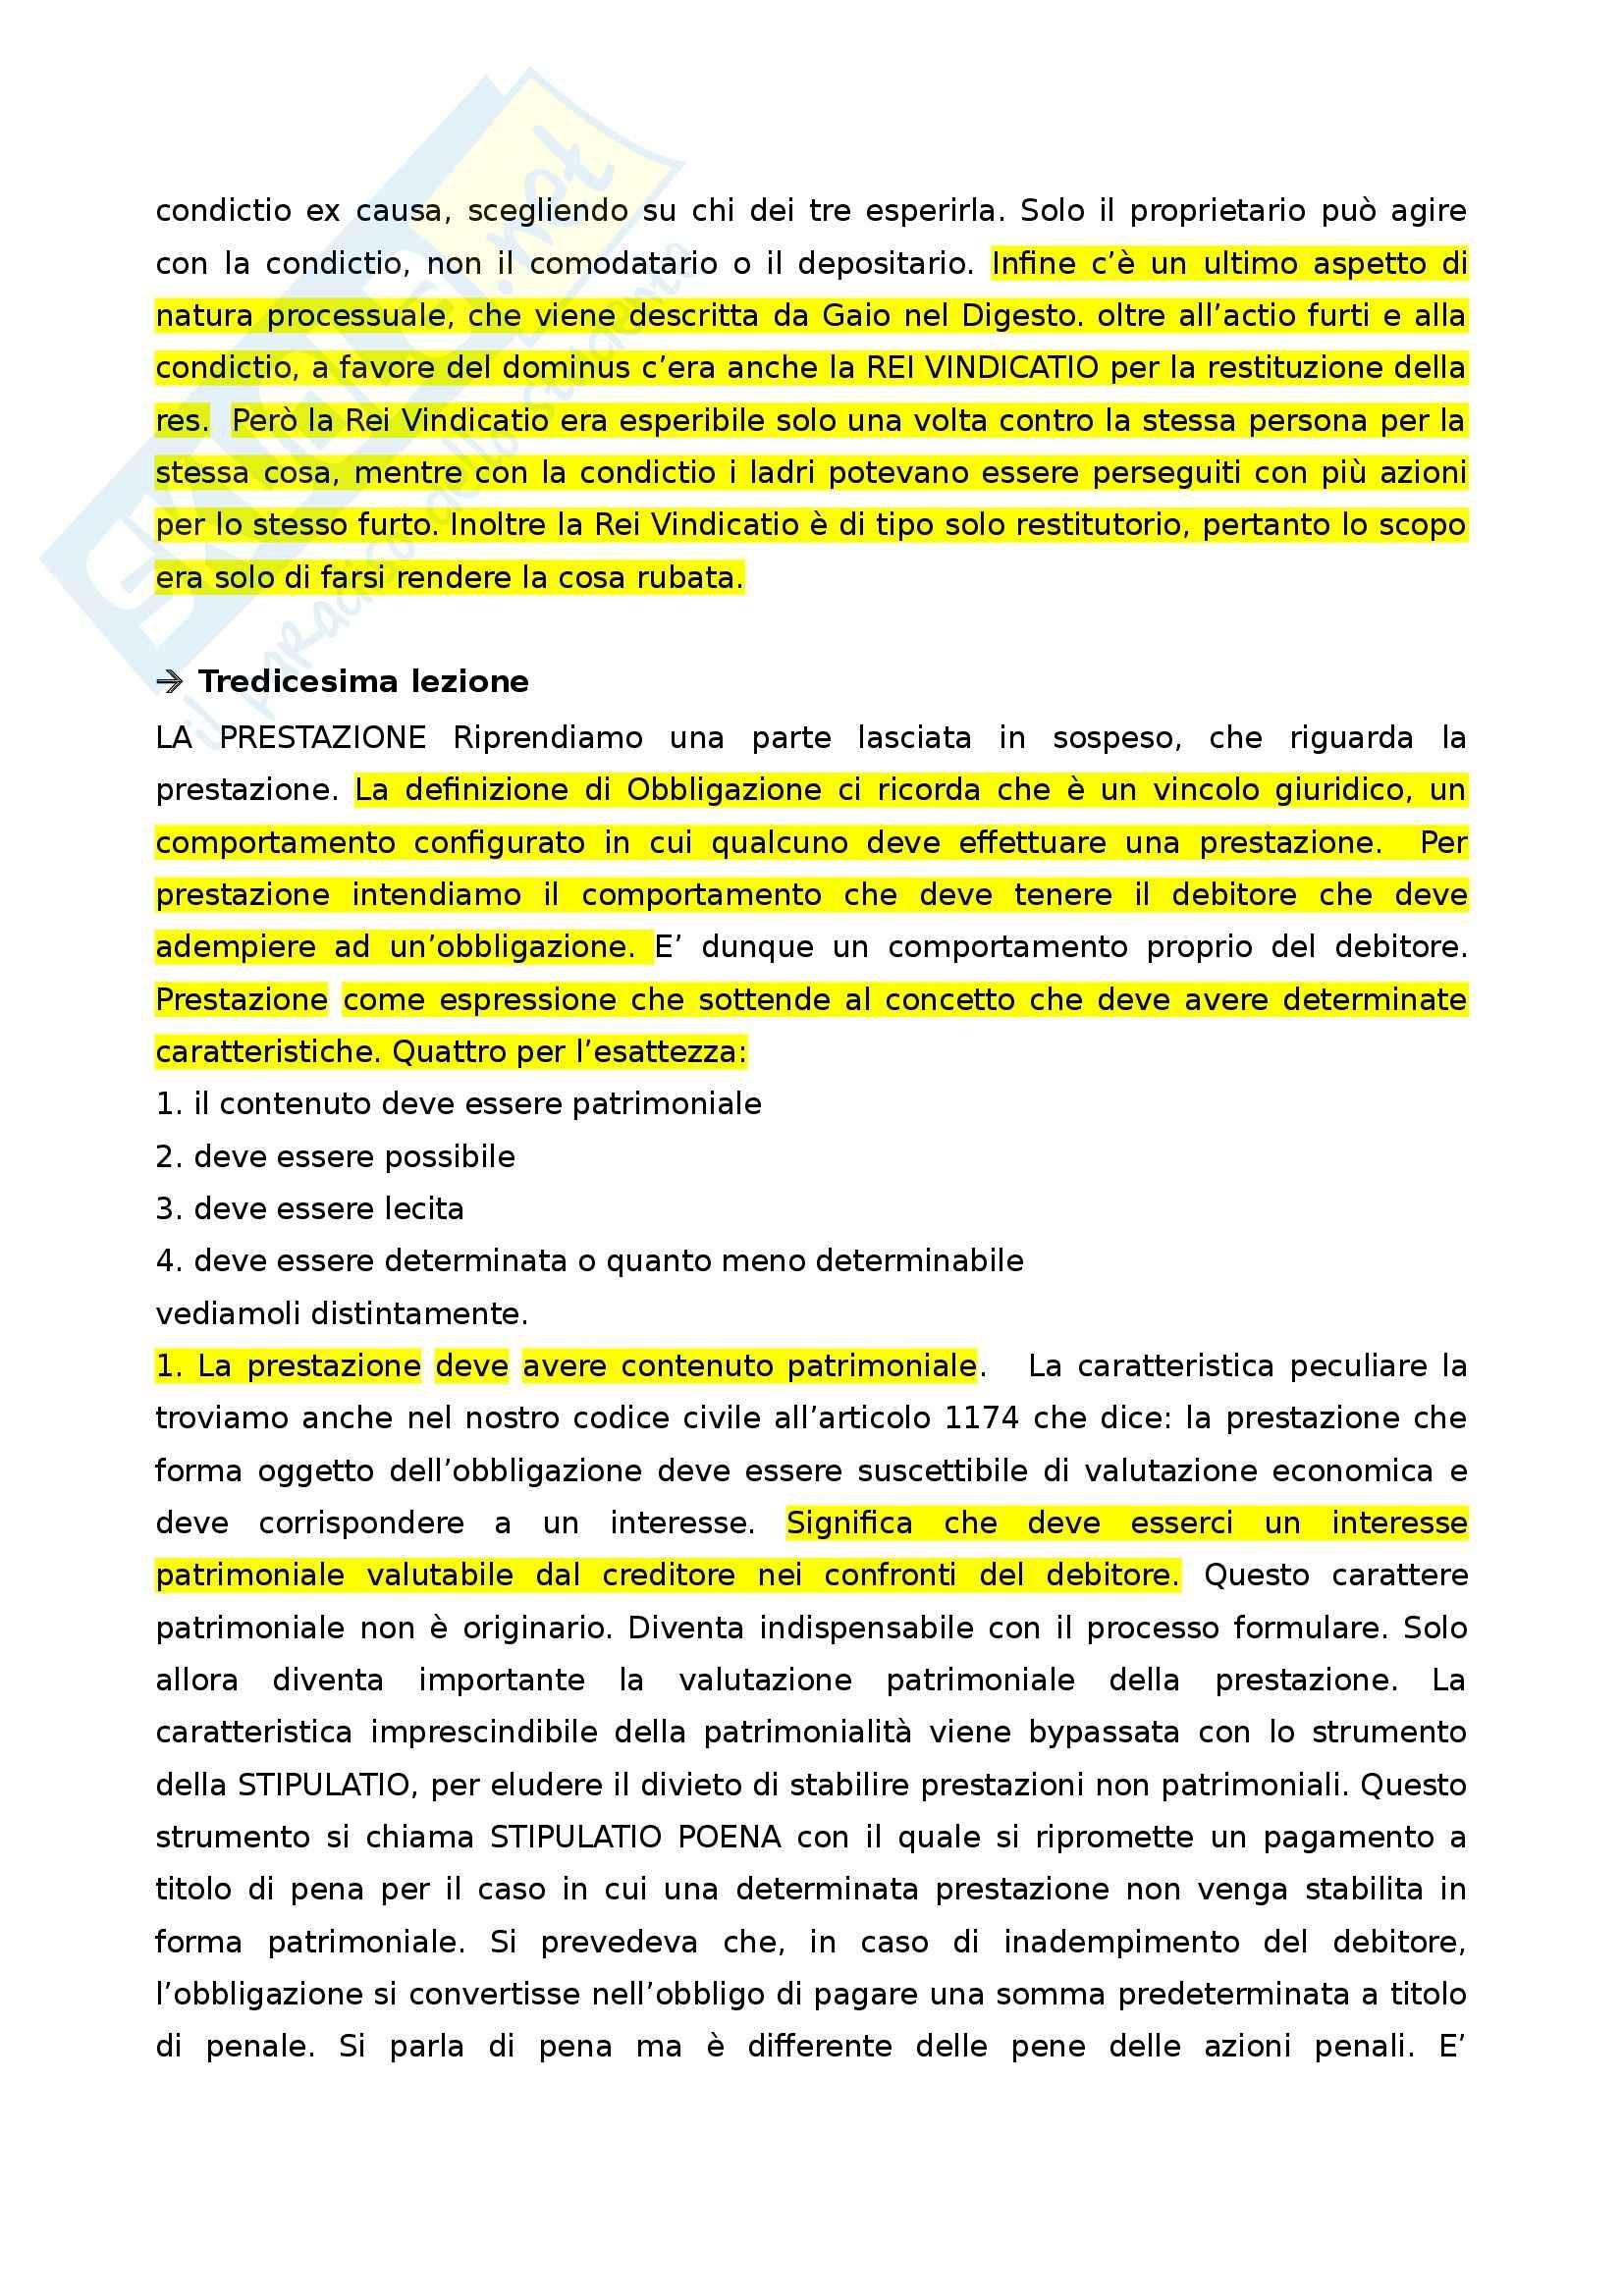 Diritto romano privato - storia del contratto e delle obbligazioni Pag. 61